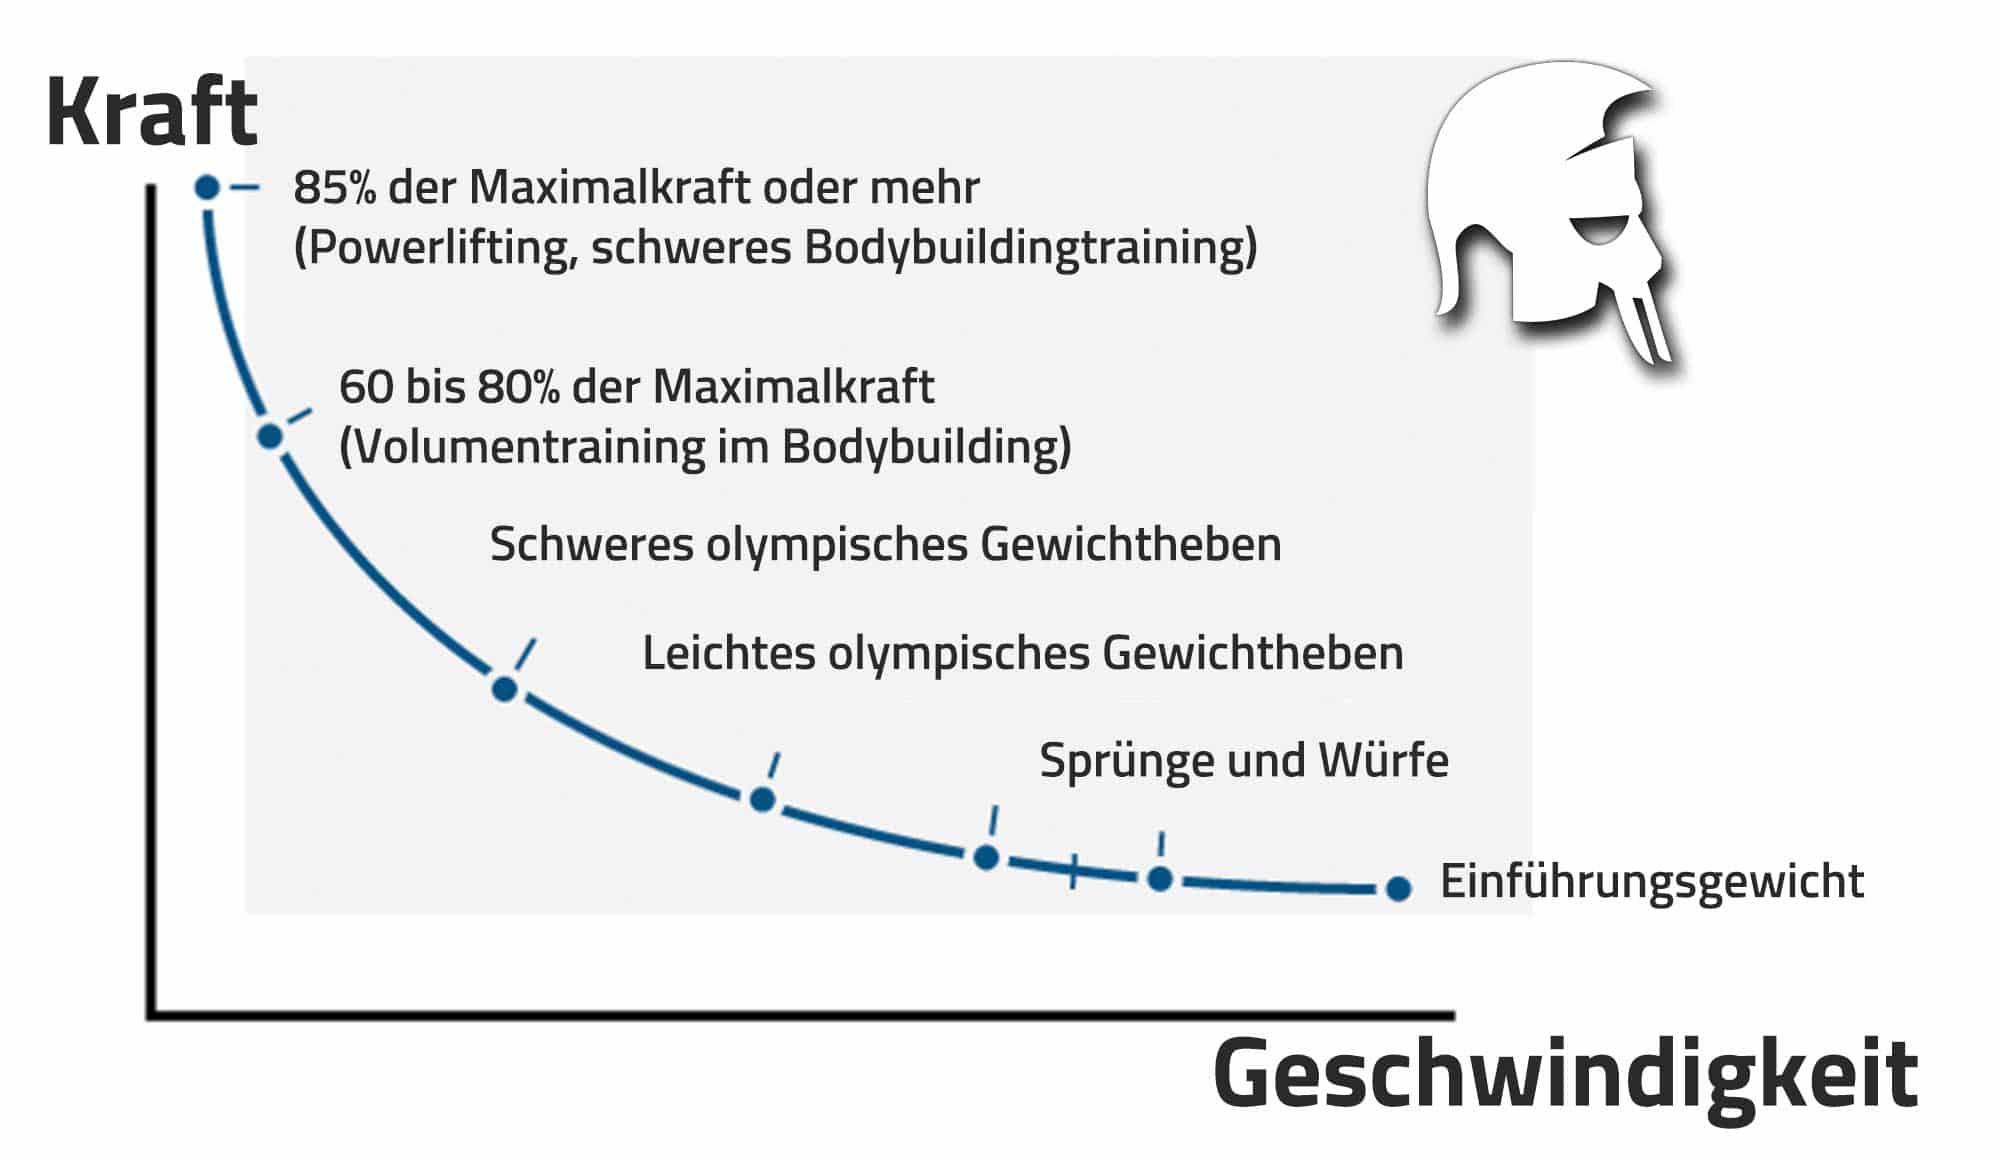 Kraft-Geschwindigkeits-Beziehung Tageszeit Krafttraining